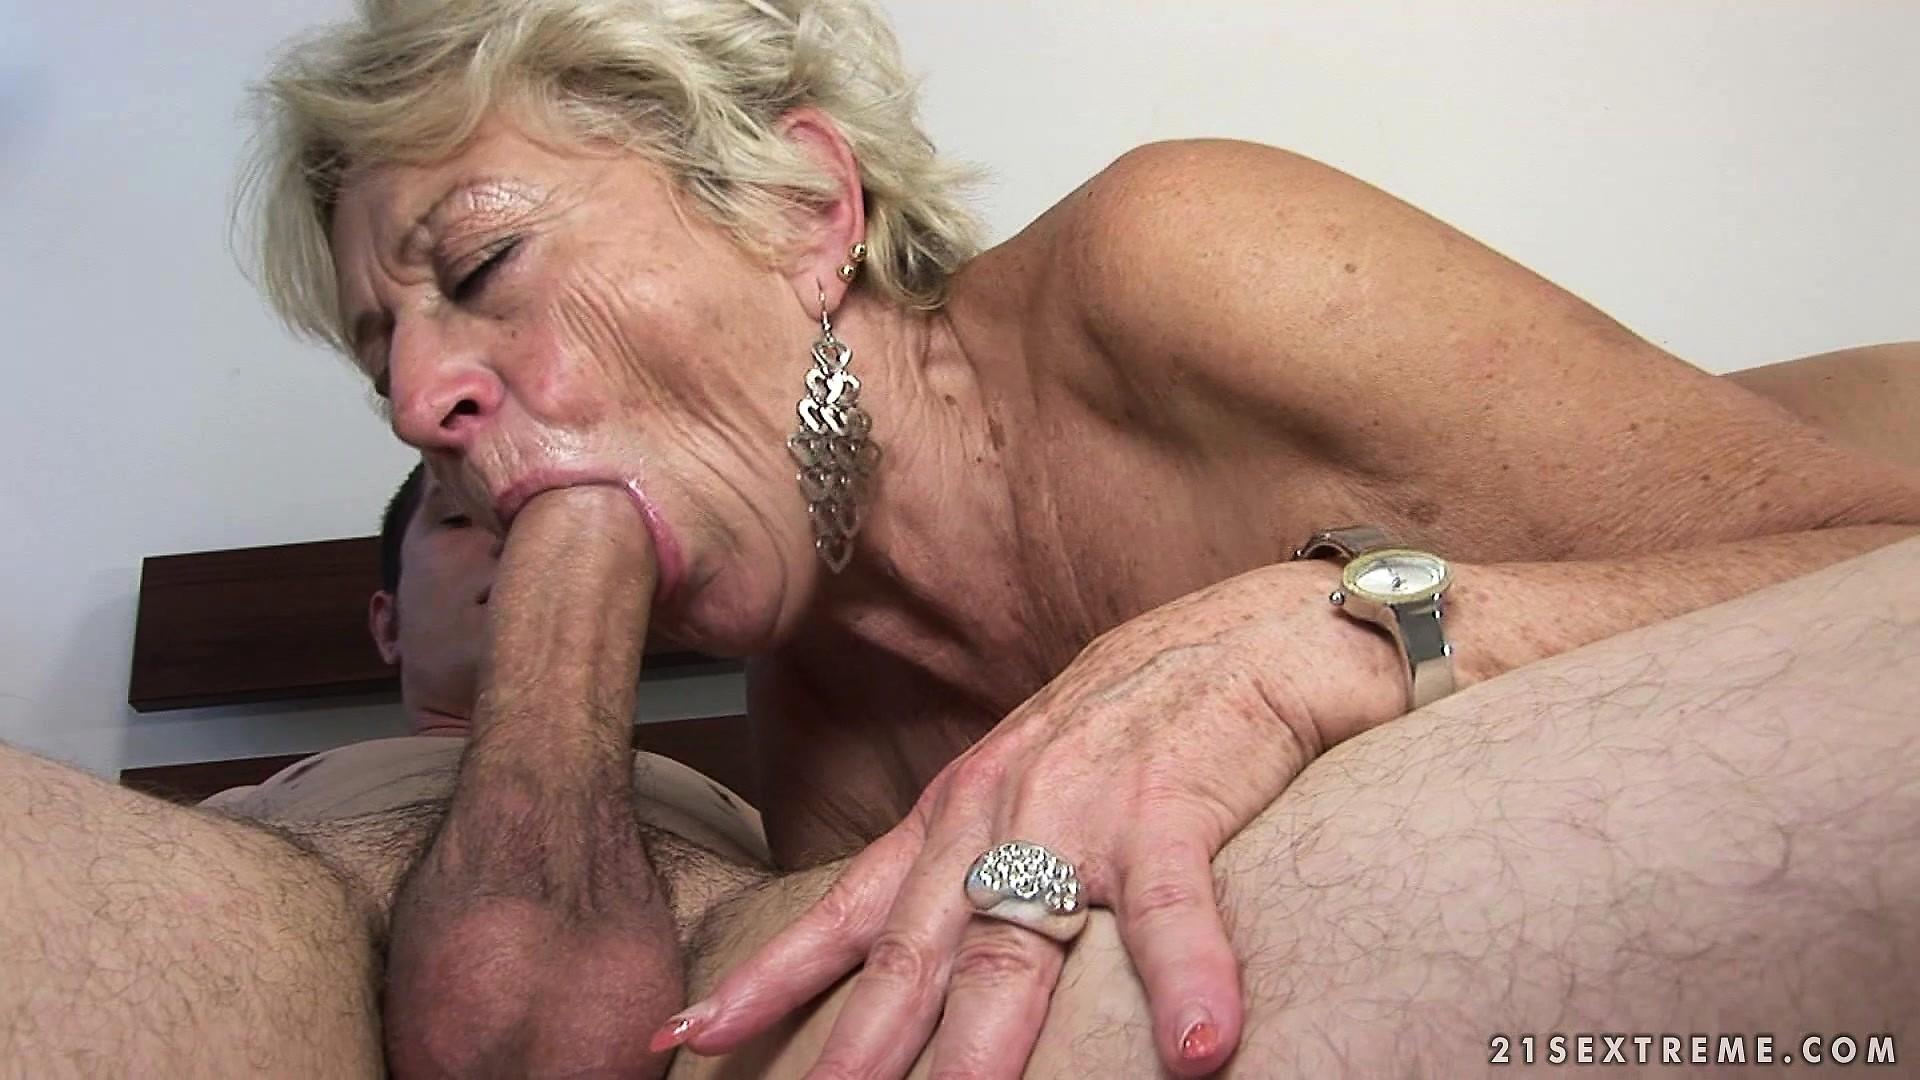 Ssbbw grandma porn pics